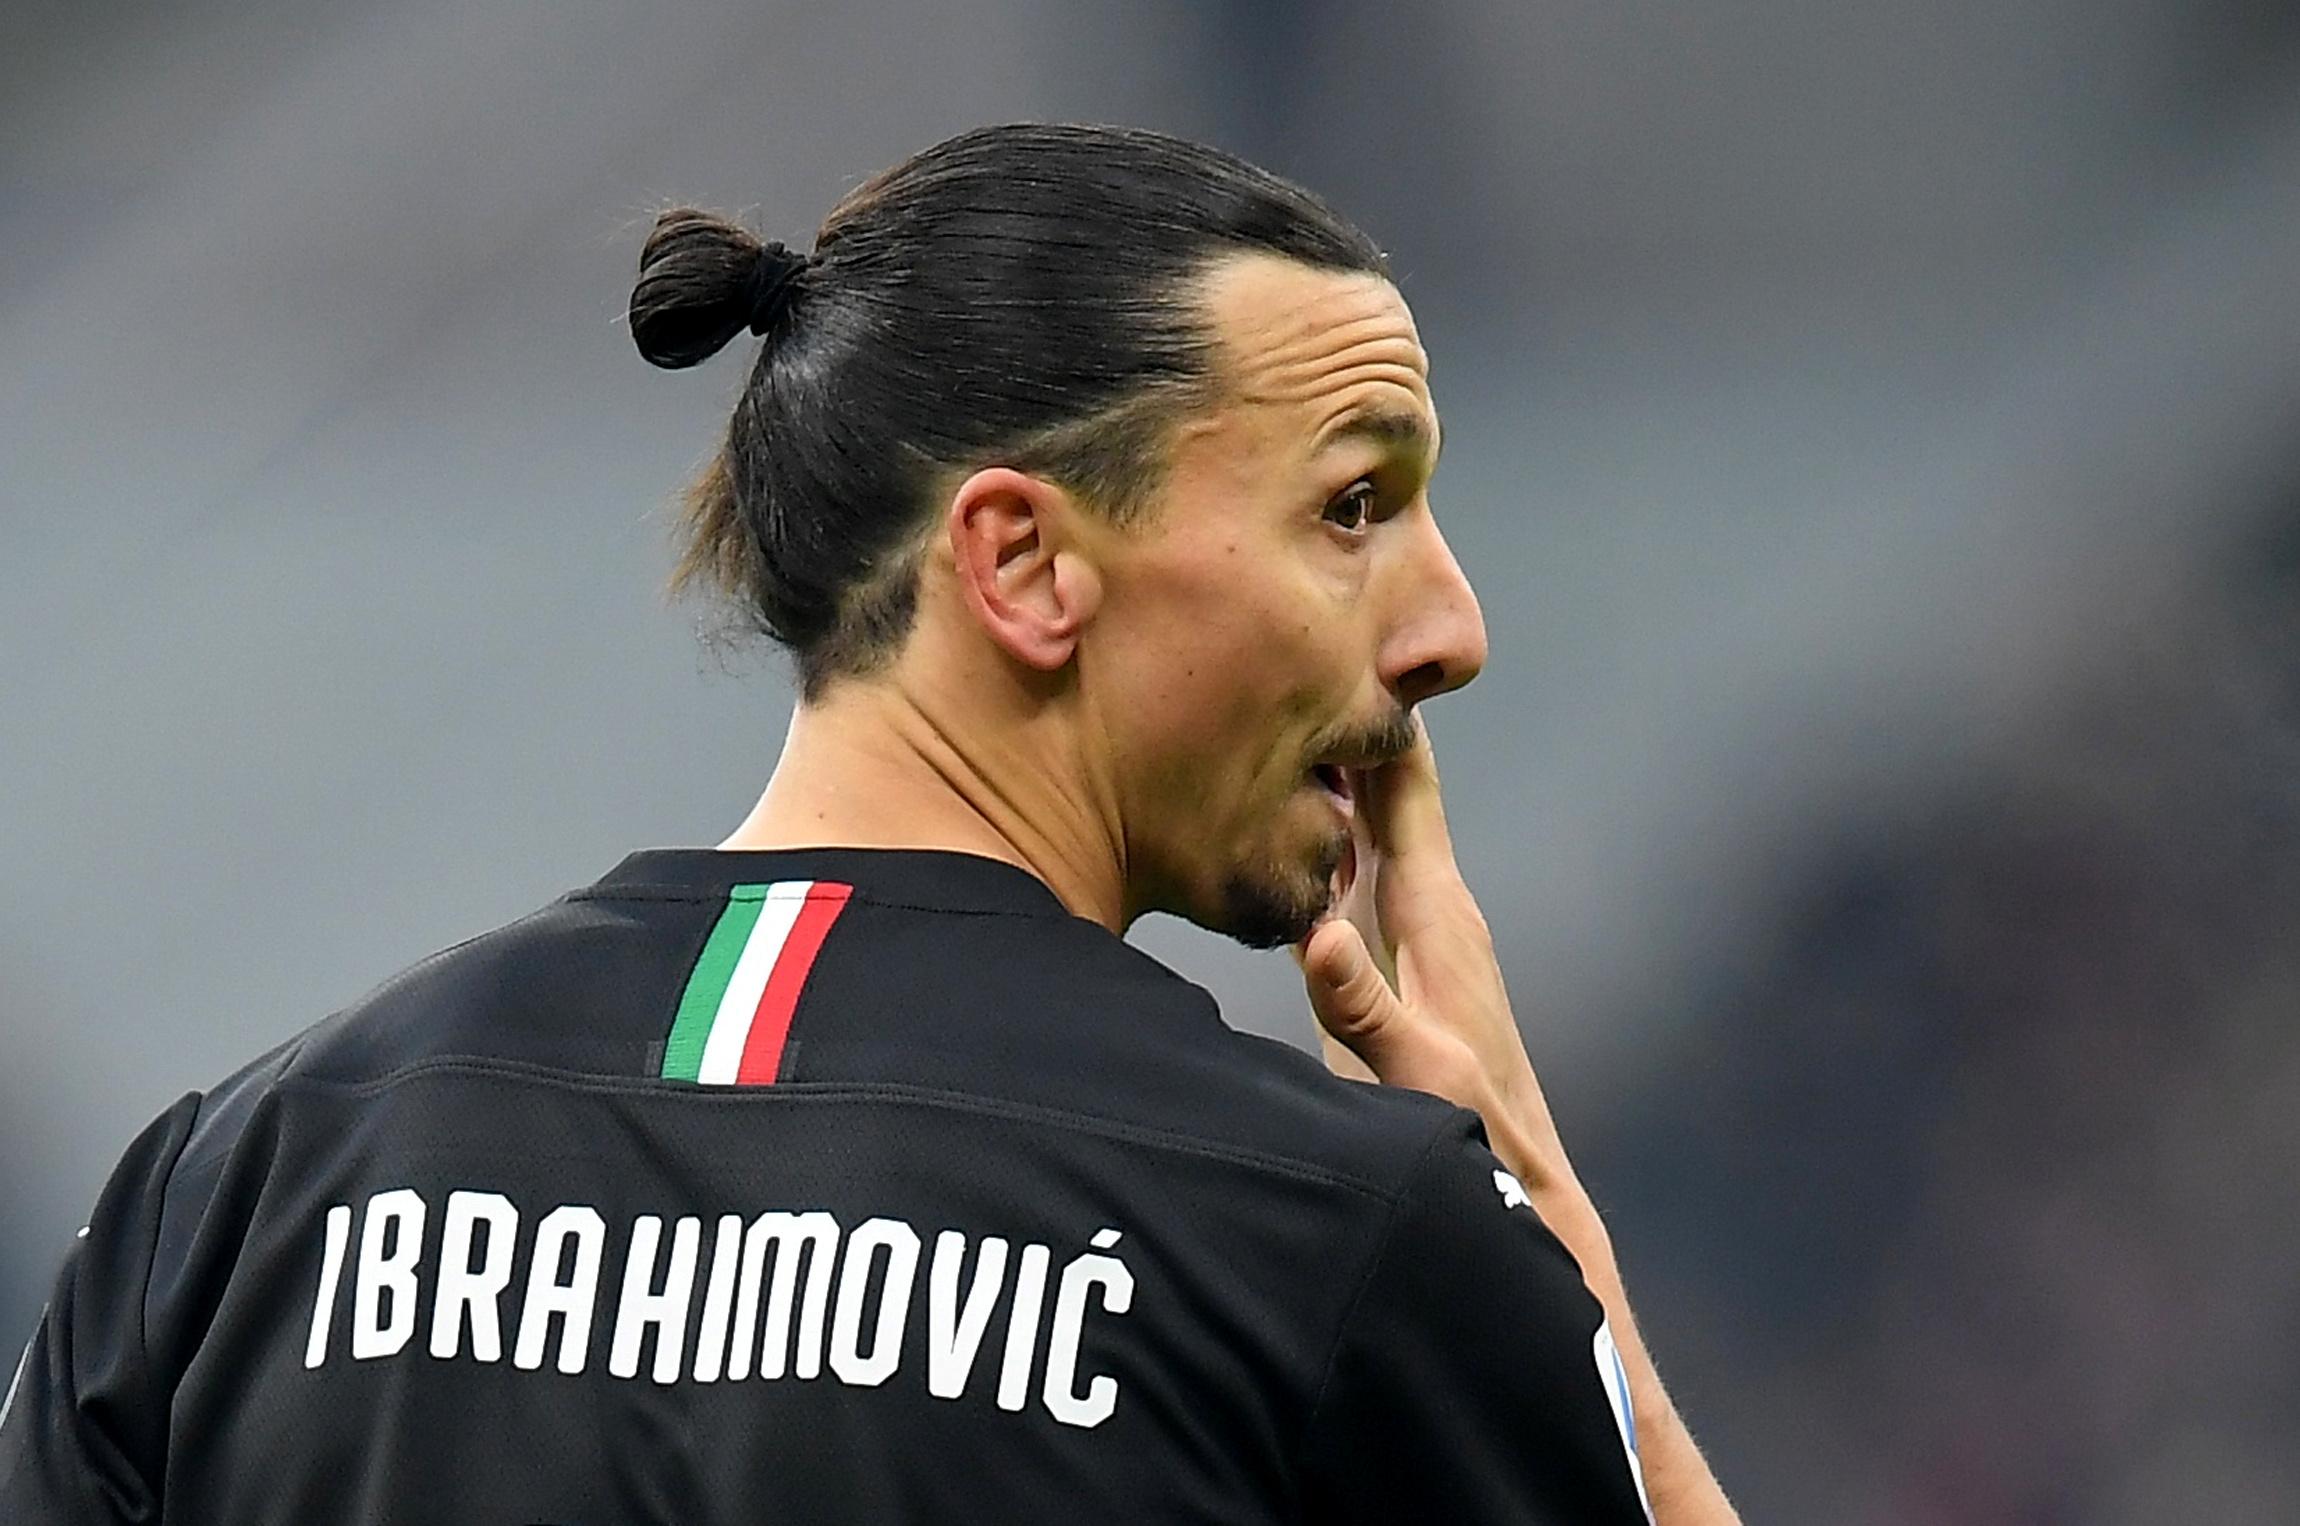 Serie A : Ibrahimovic buteur pour sa première titularisation avec l'AC Milan - Italie - Etranger - Football